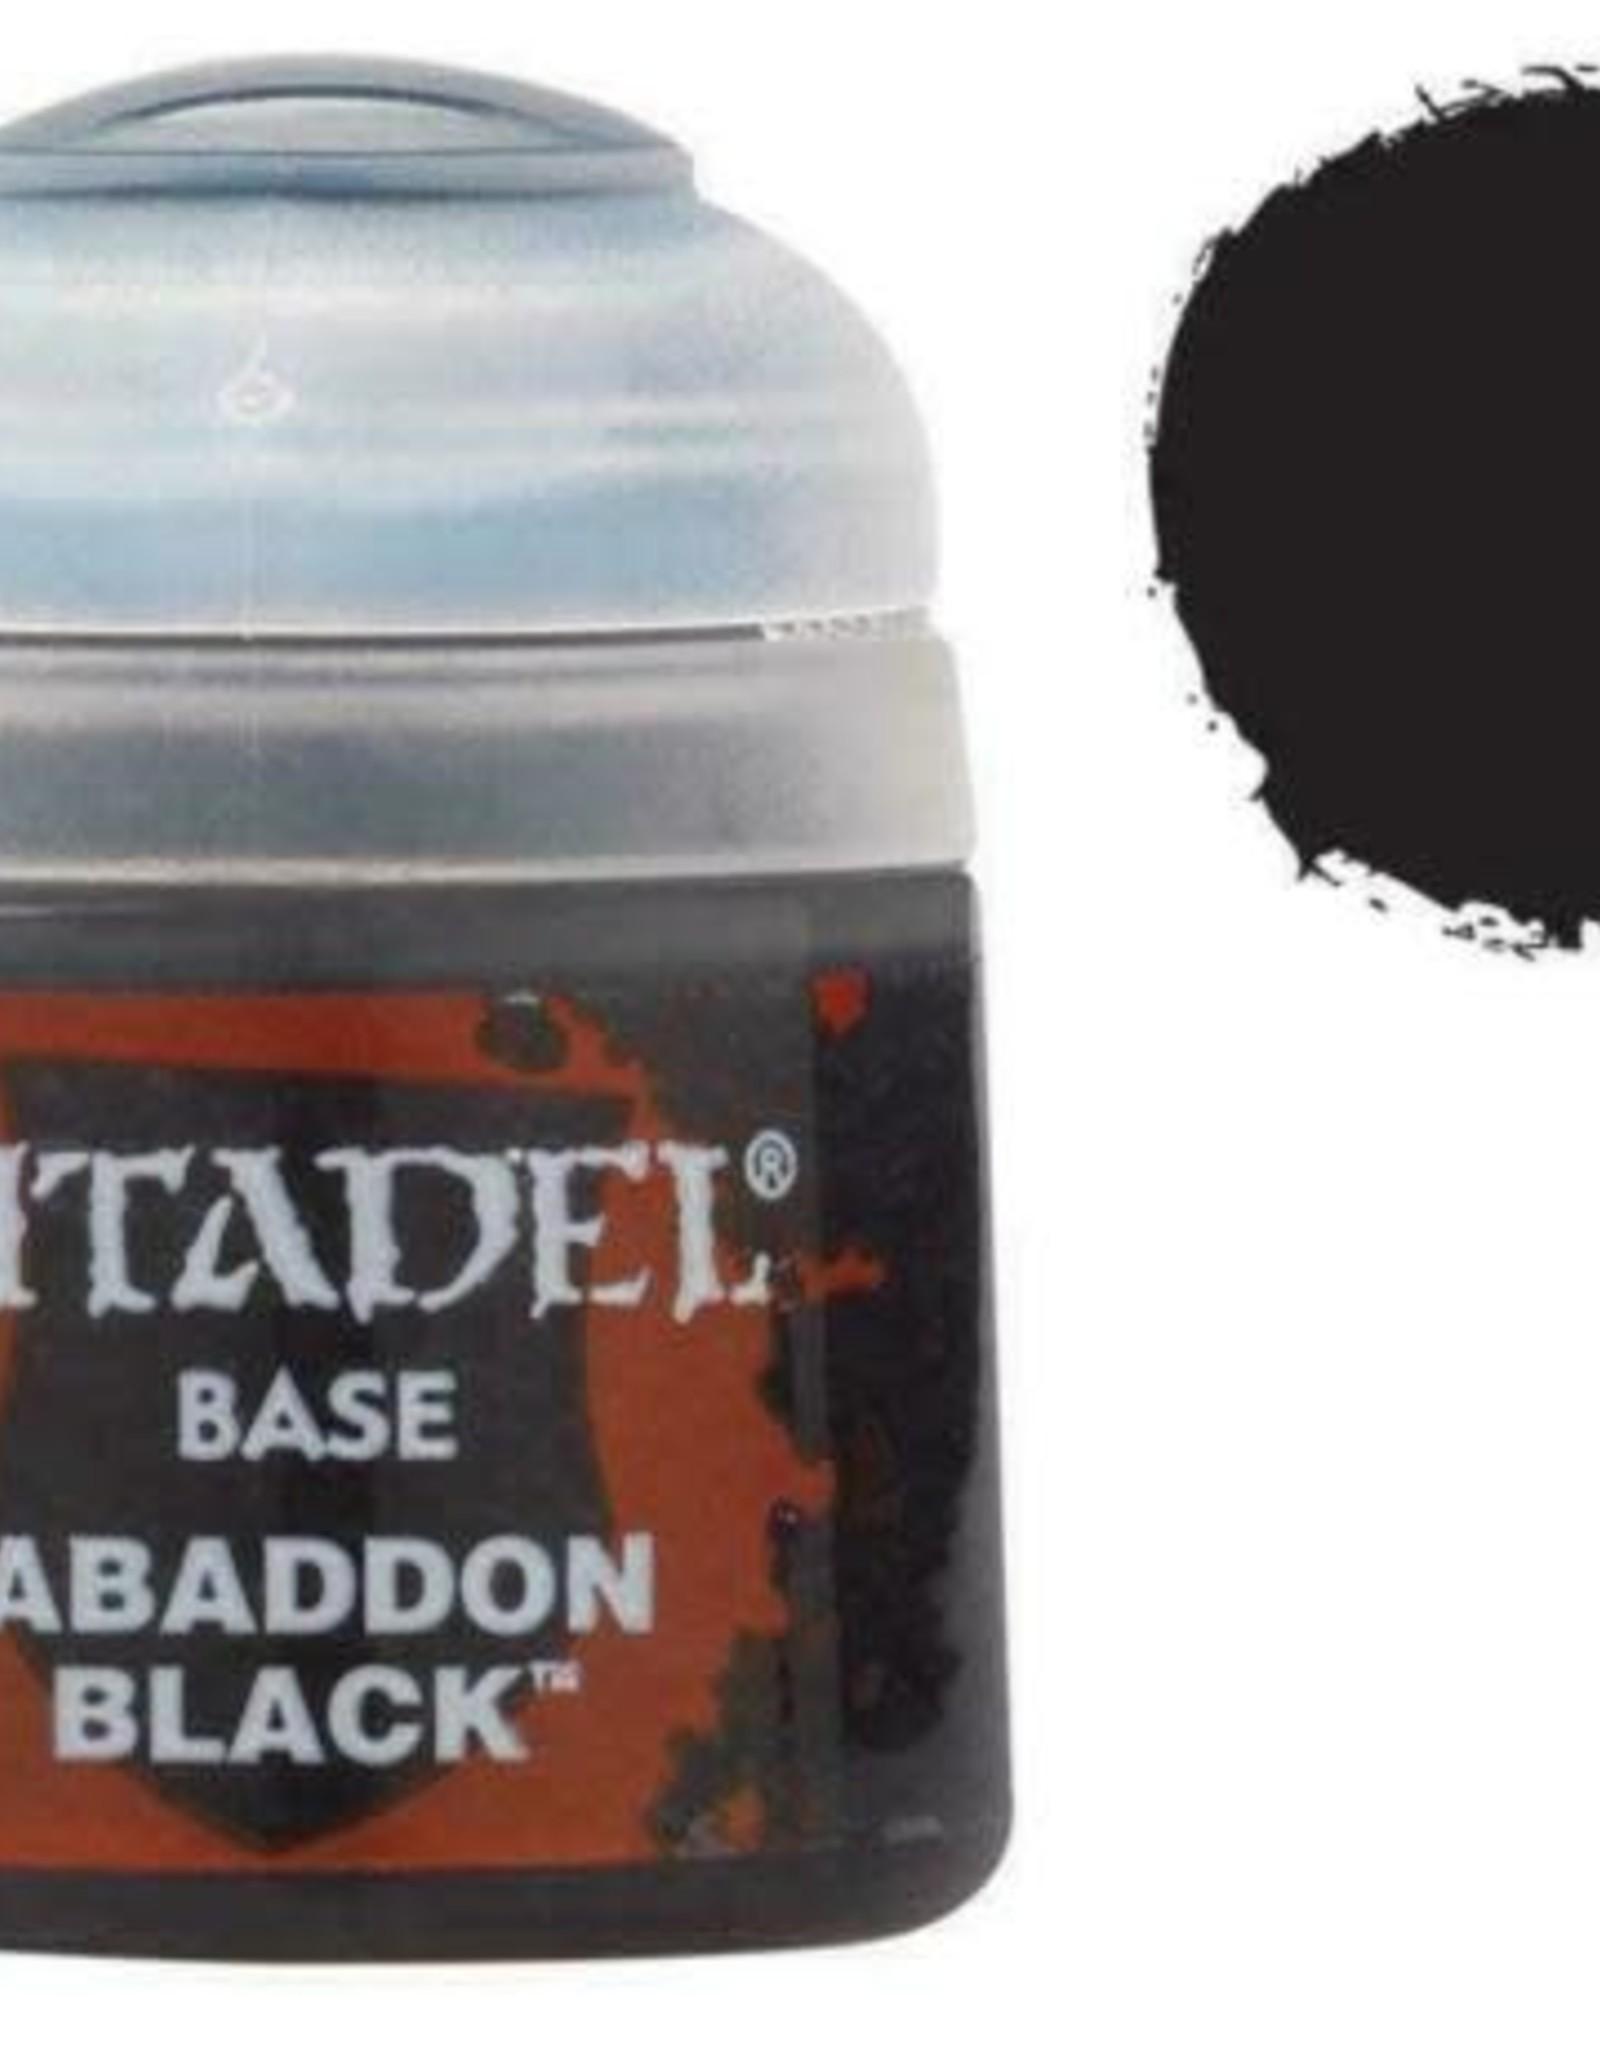 Games Workshop Citadel Paint: Base - Abaddon Black